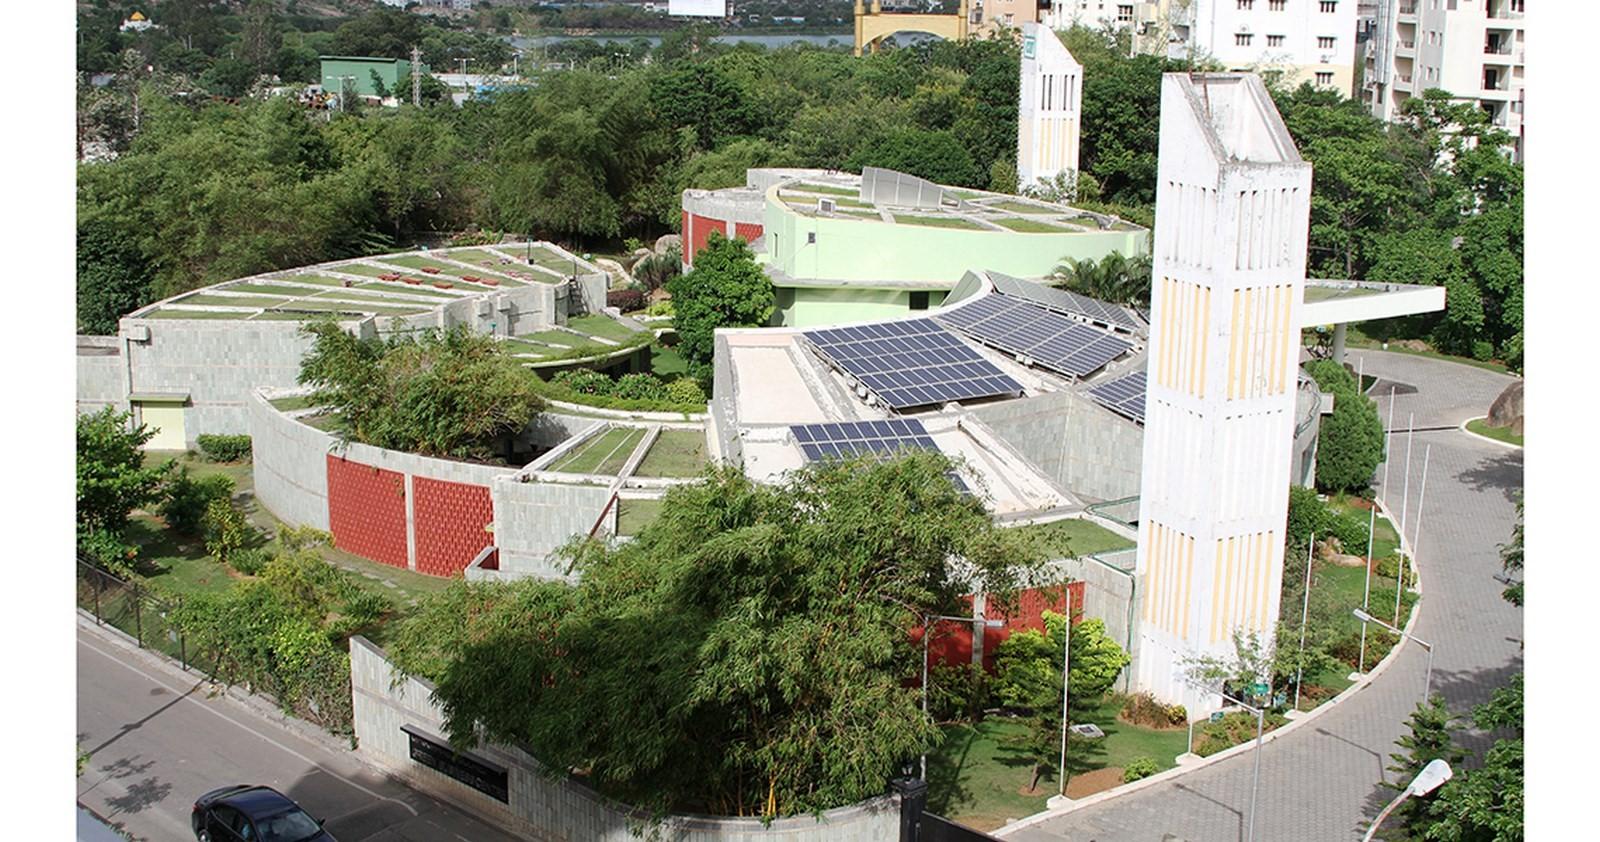 Sohrabji Godrej Green Business Centre, Hyderabad, India - Sheet1